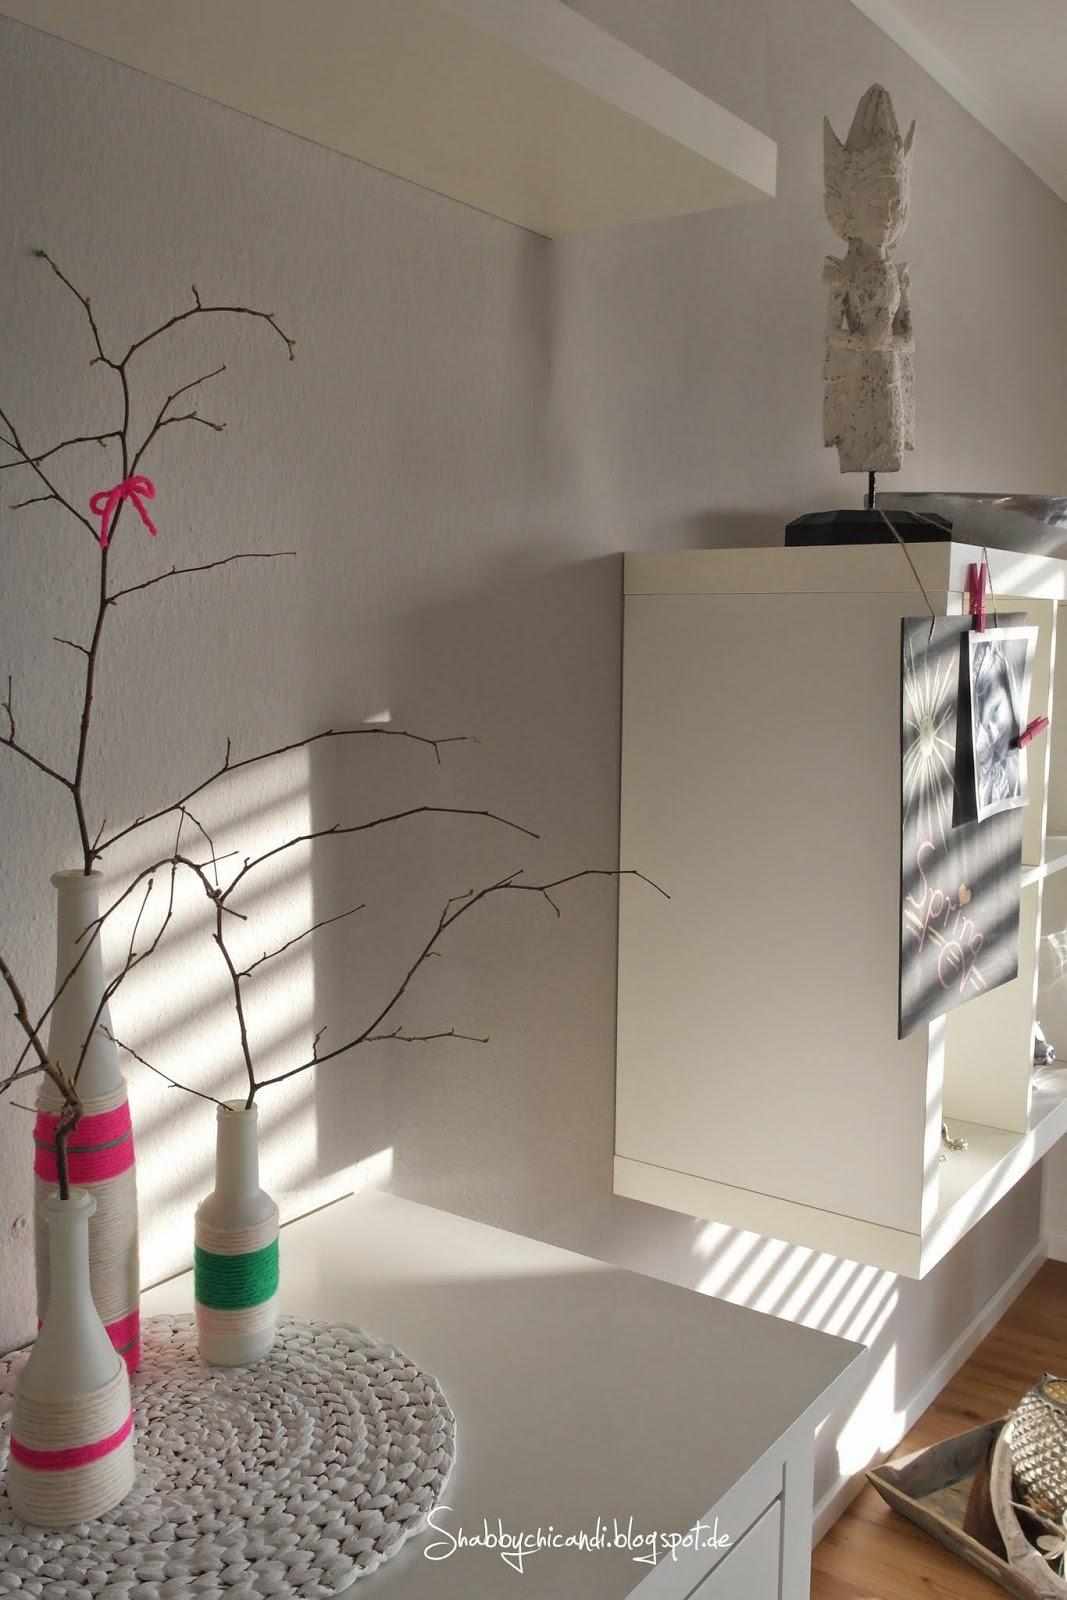 Vasen in neon mit Haselnusszweigen zum Frühling